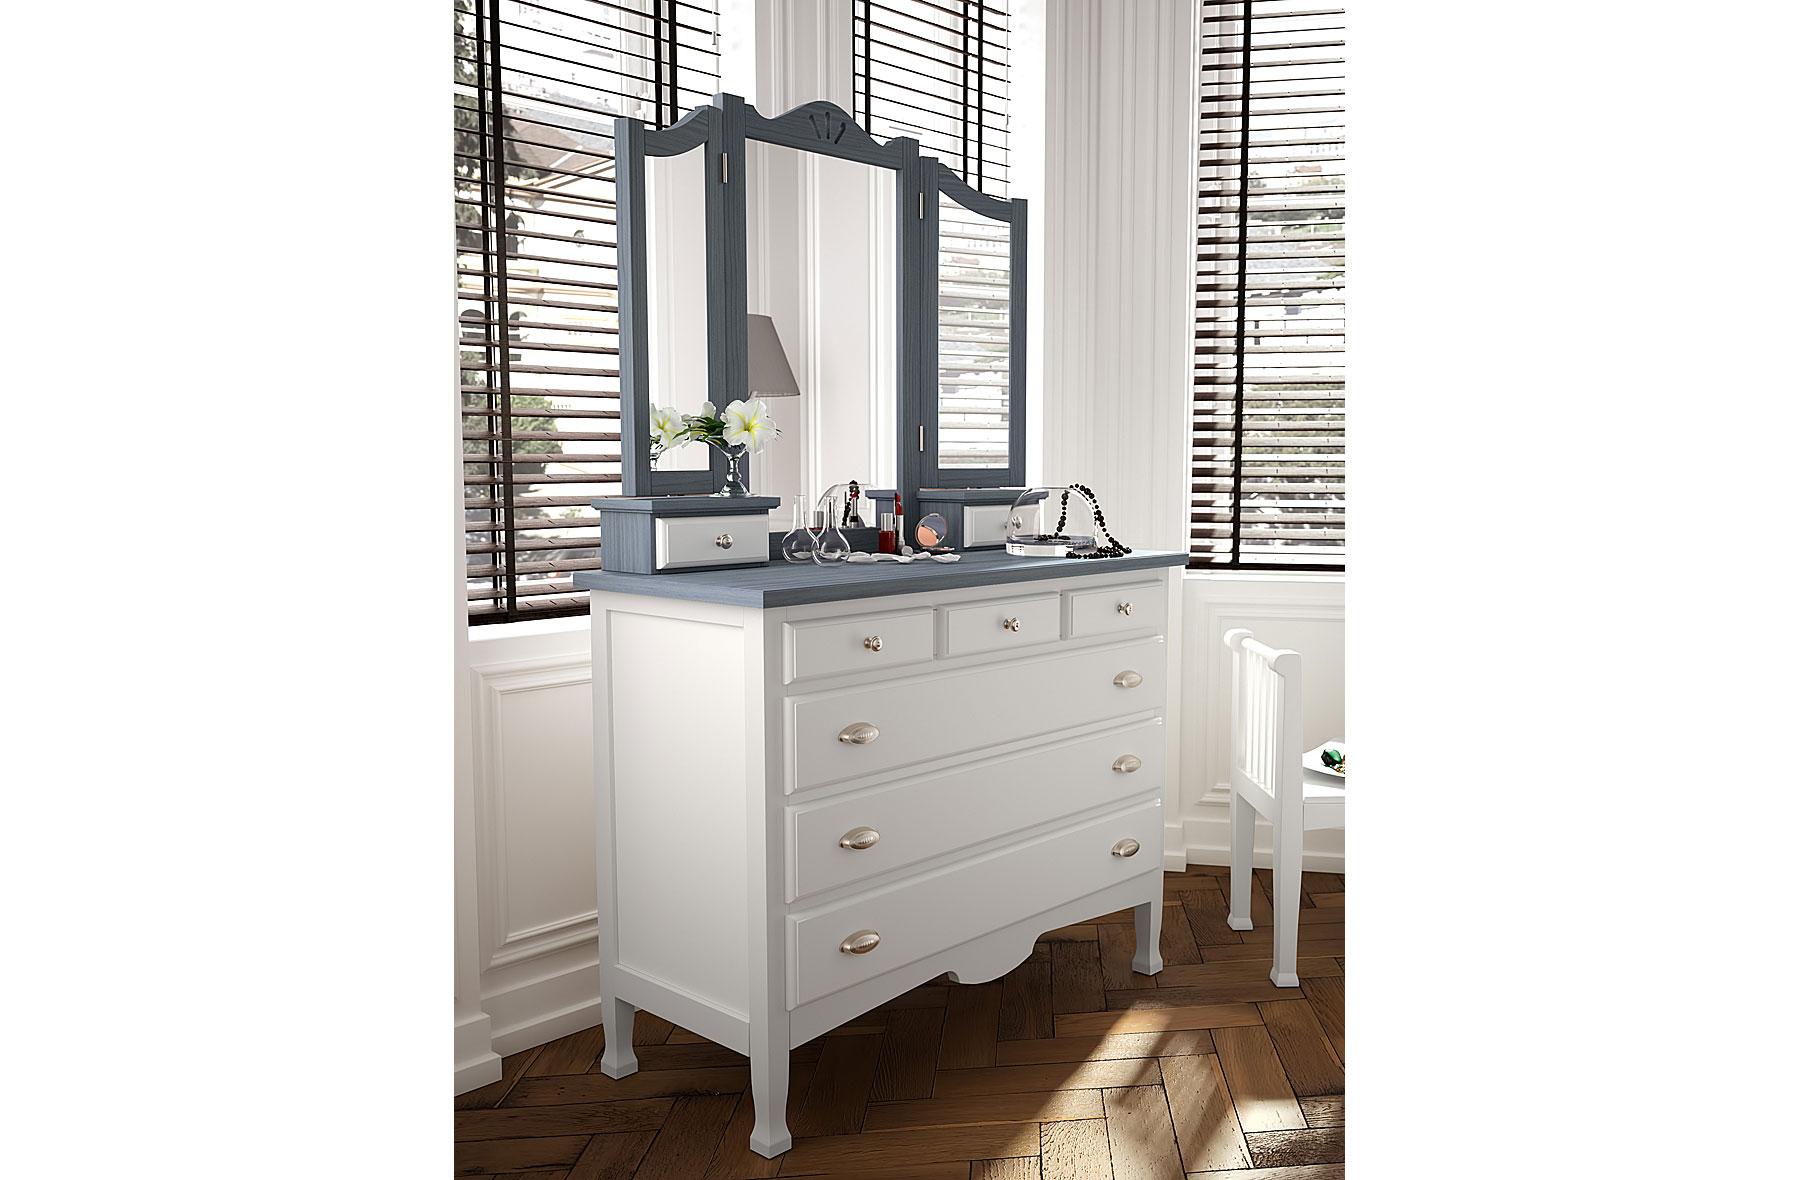 Comoda con espejo provenzal decco ii de lujo en - Comoda con espejo ...